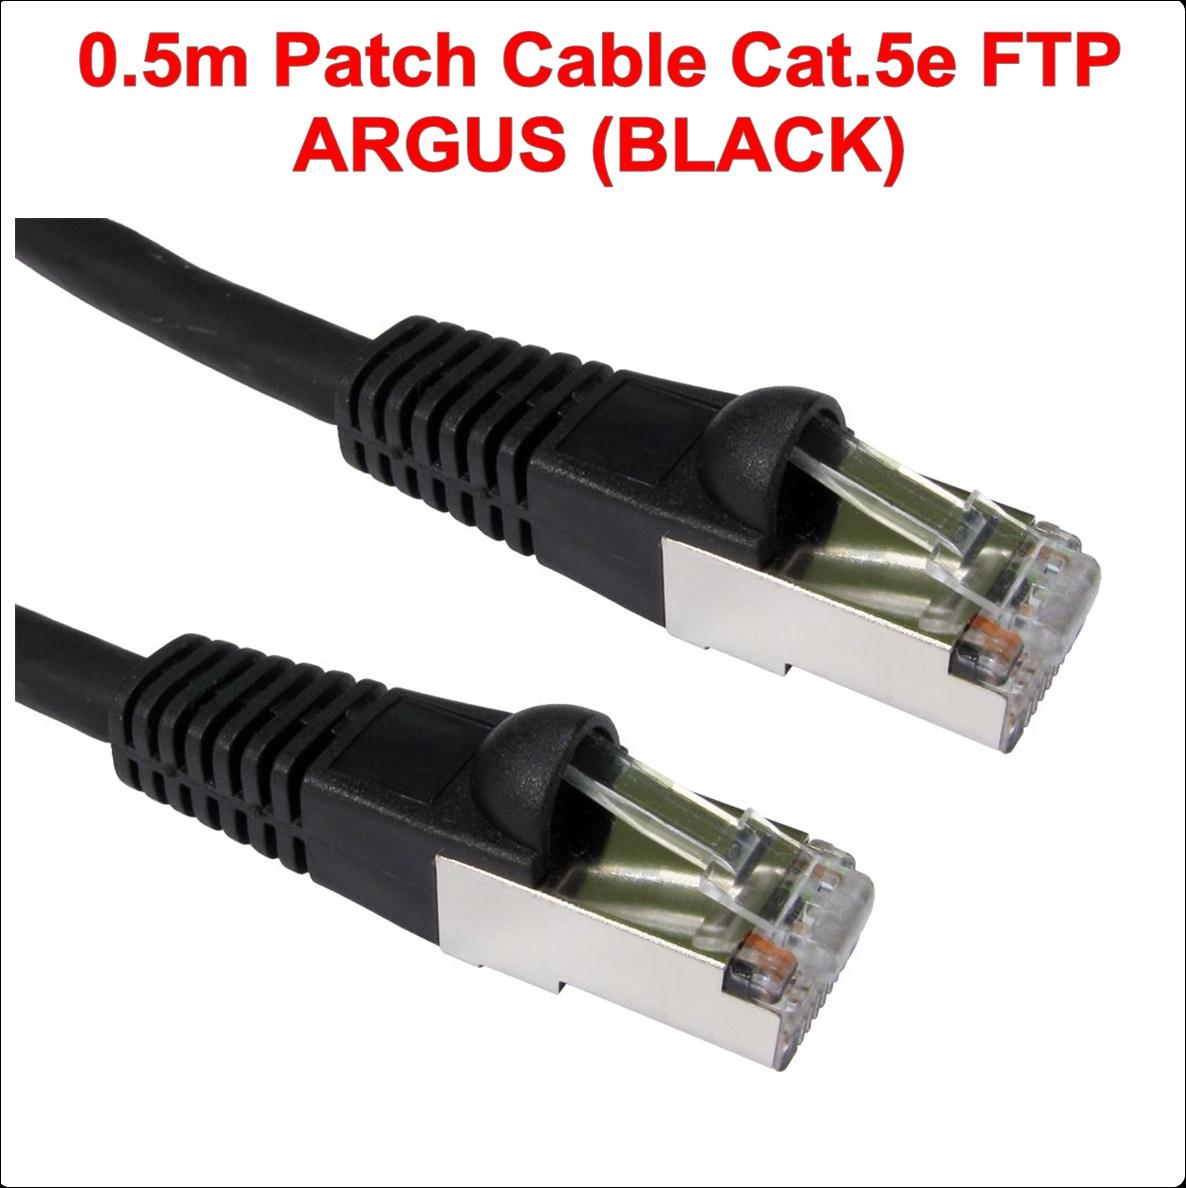 0.50m FTP Patch Cable Cat.5e ARGUS (BLACK)